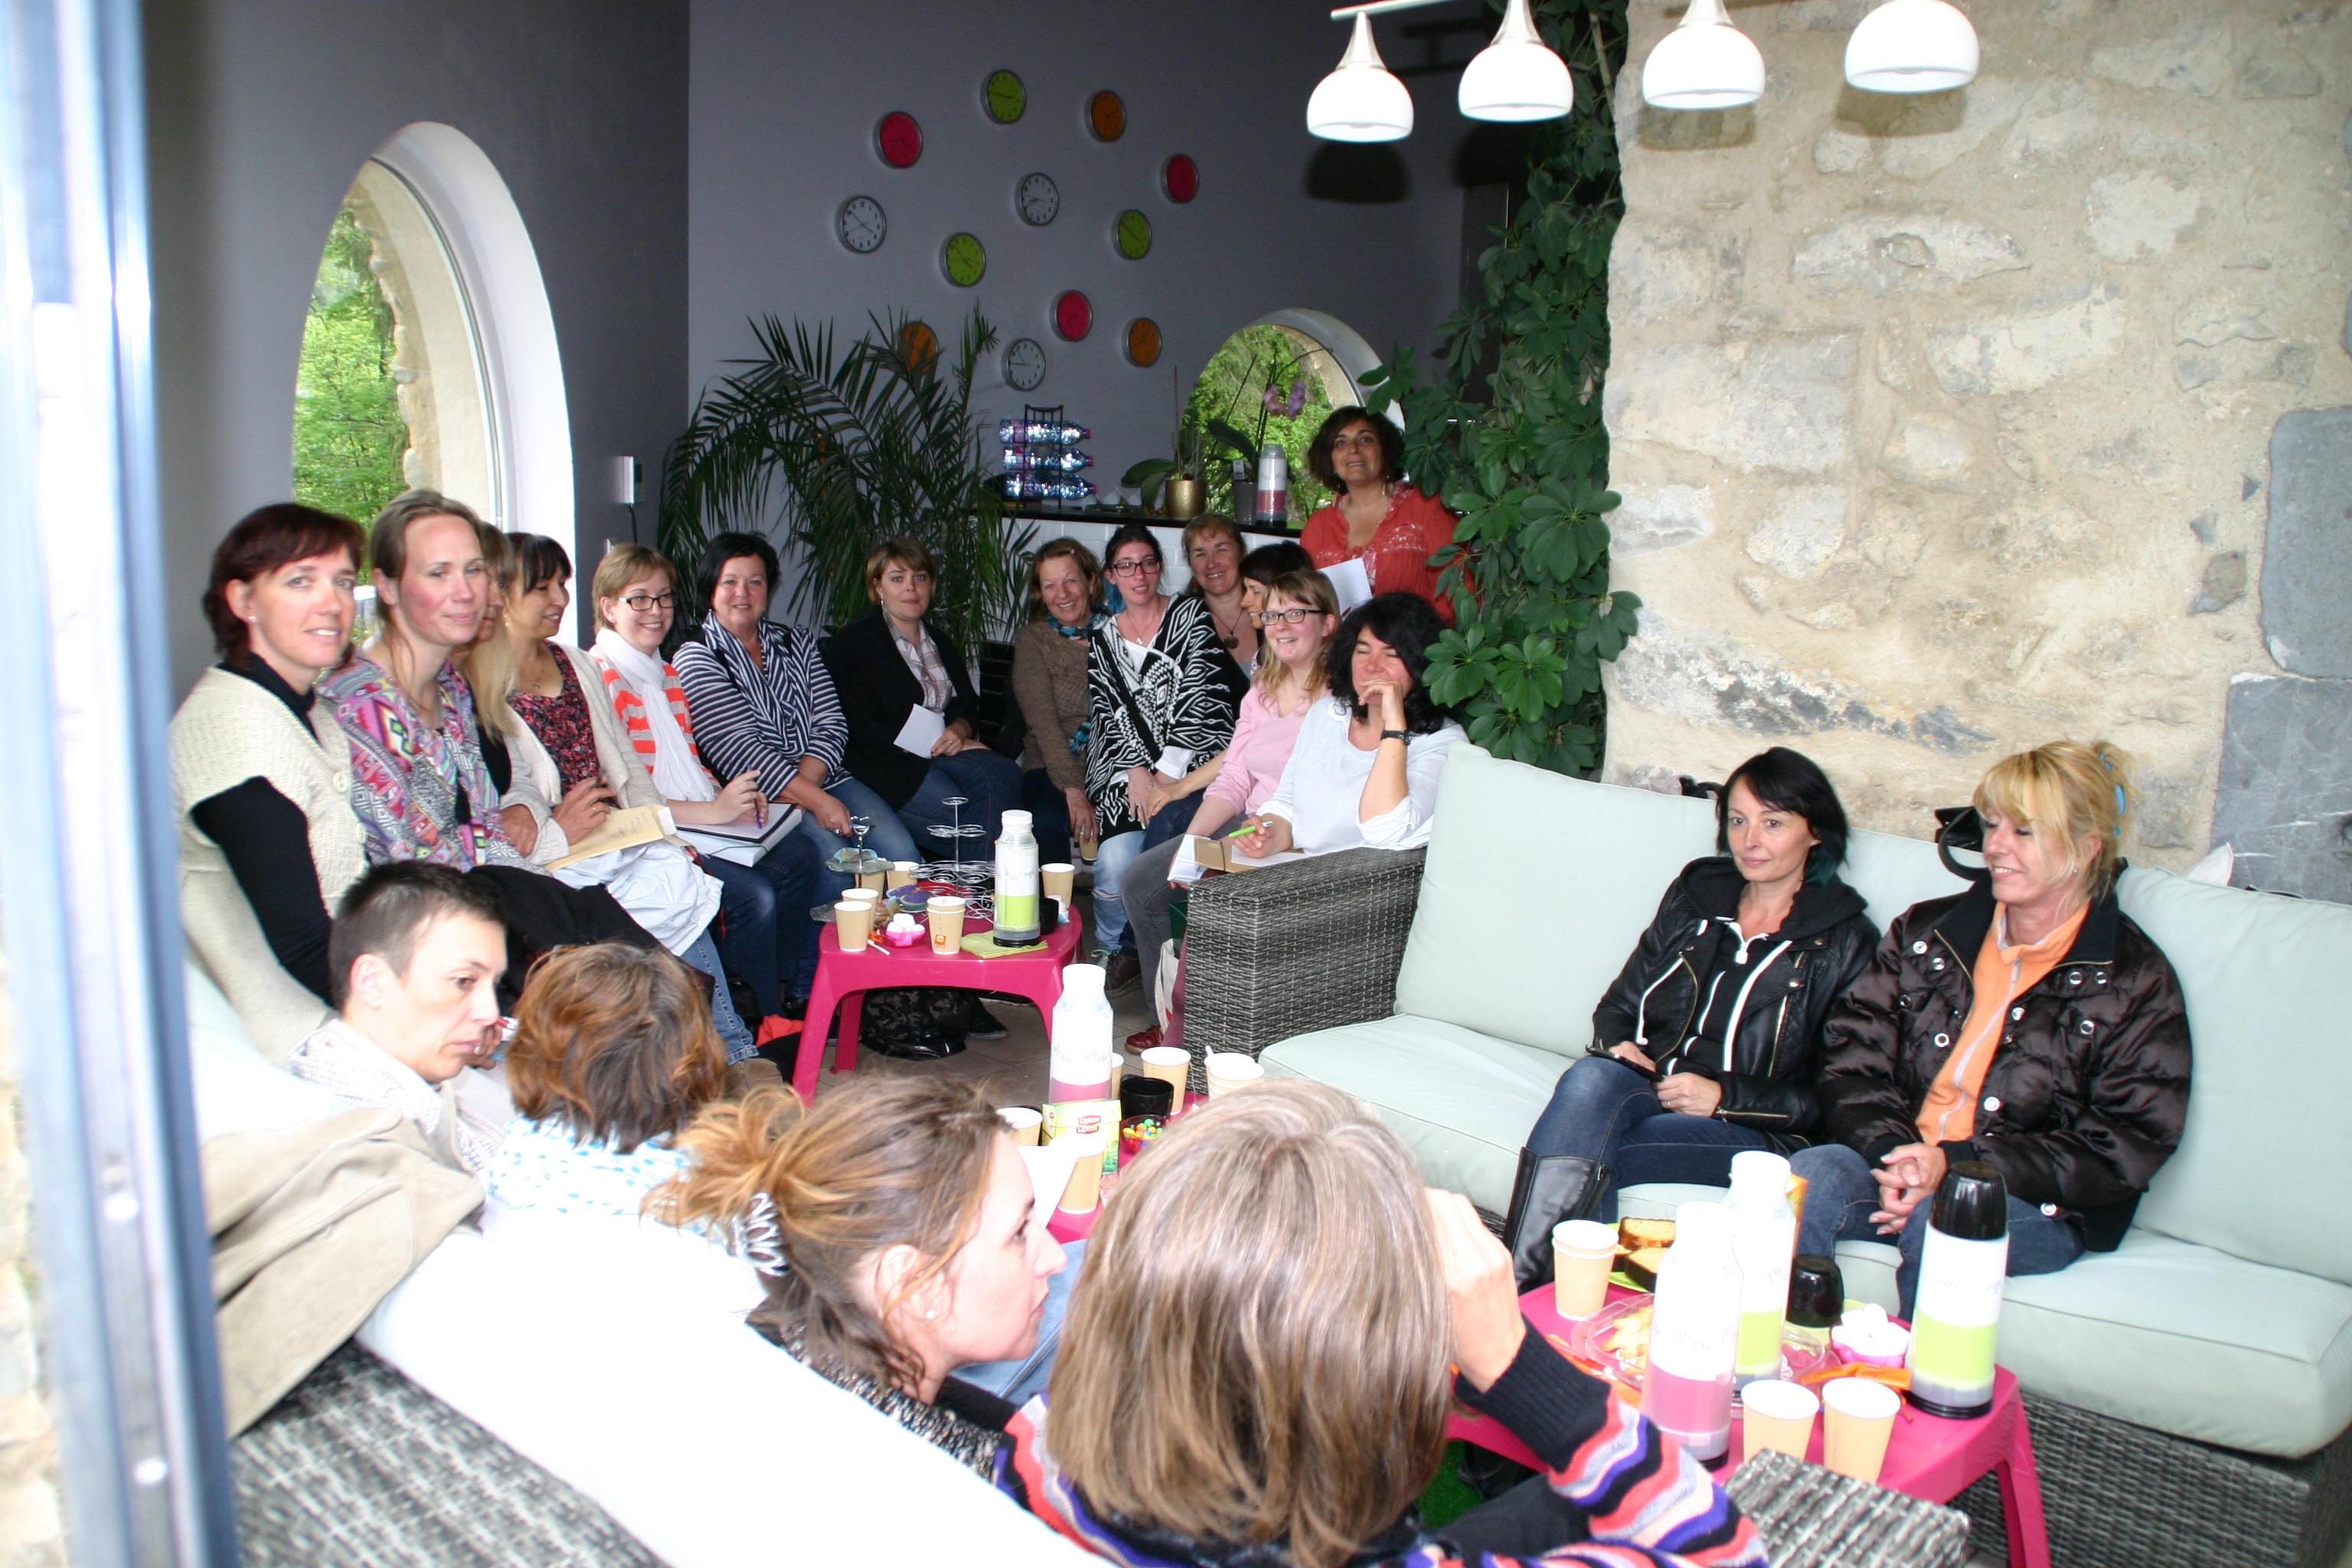 Une association soutient l'entreprenariat féminin